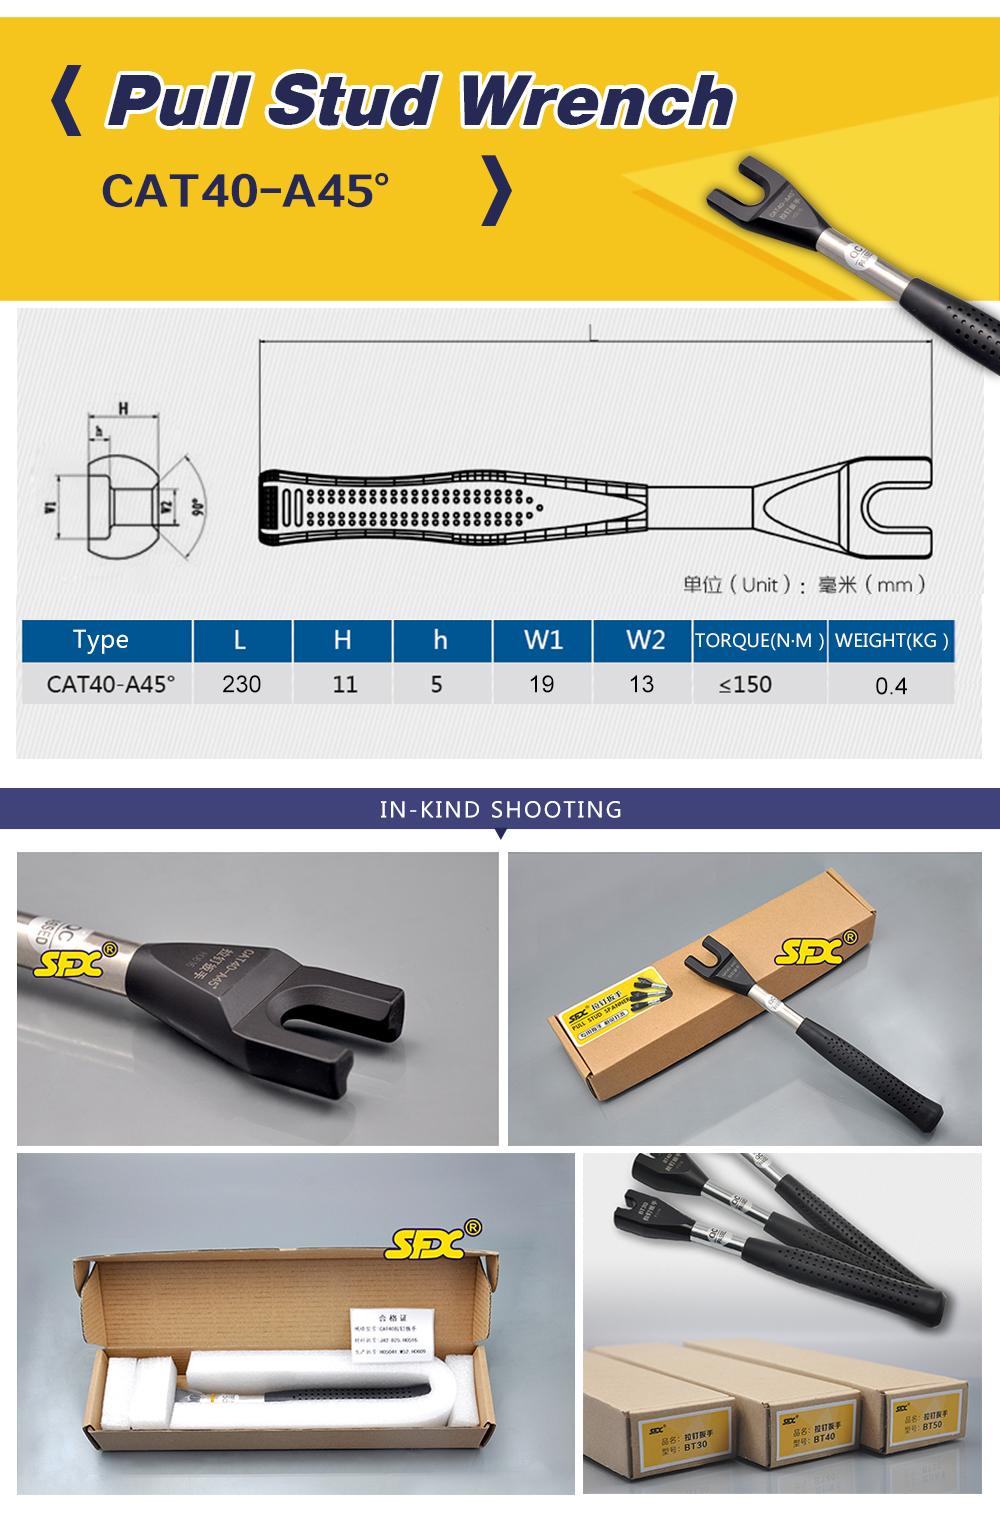 CNC Machine Equipment 4Pcs NEW CAT40-ER32-4 Tool Holder for Milling CNC Lathe